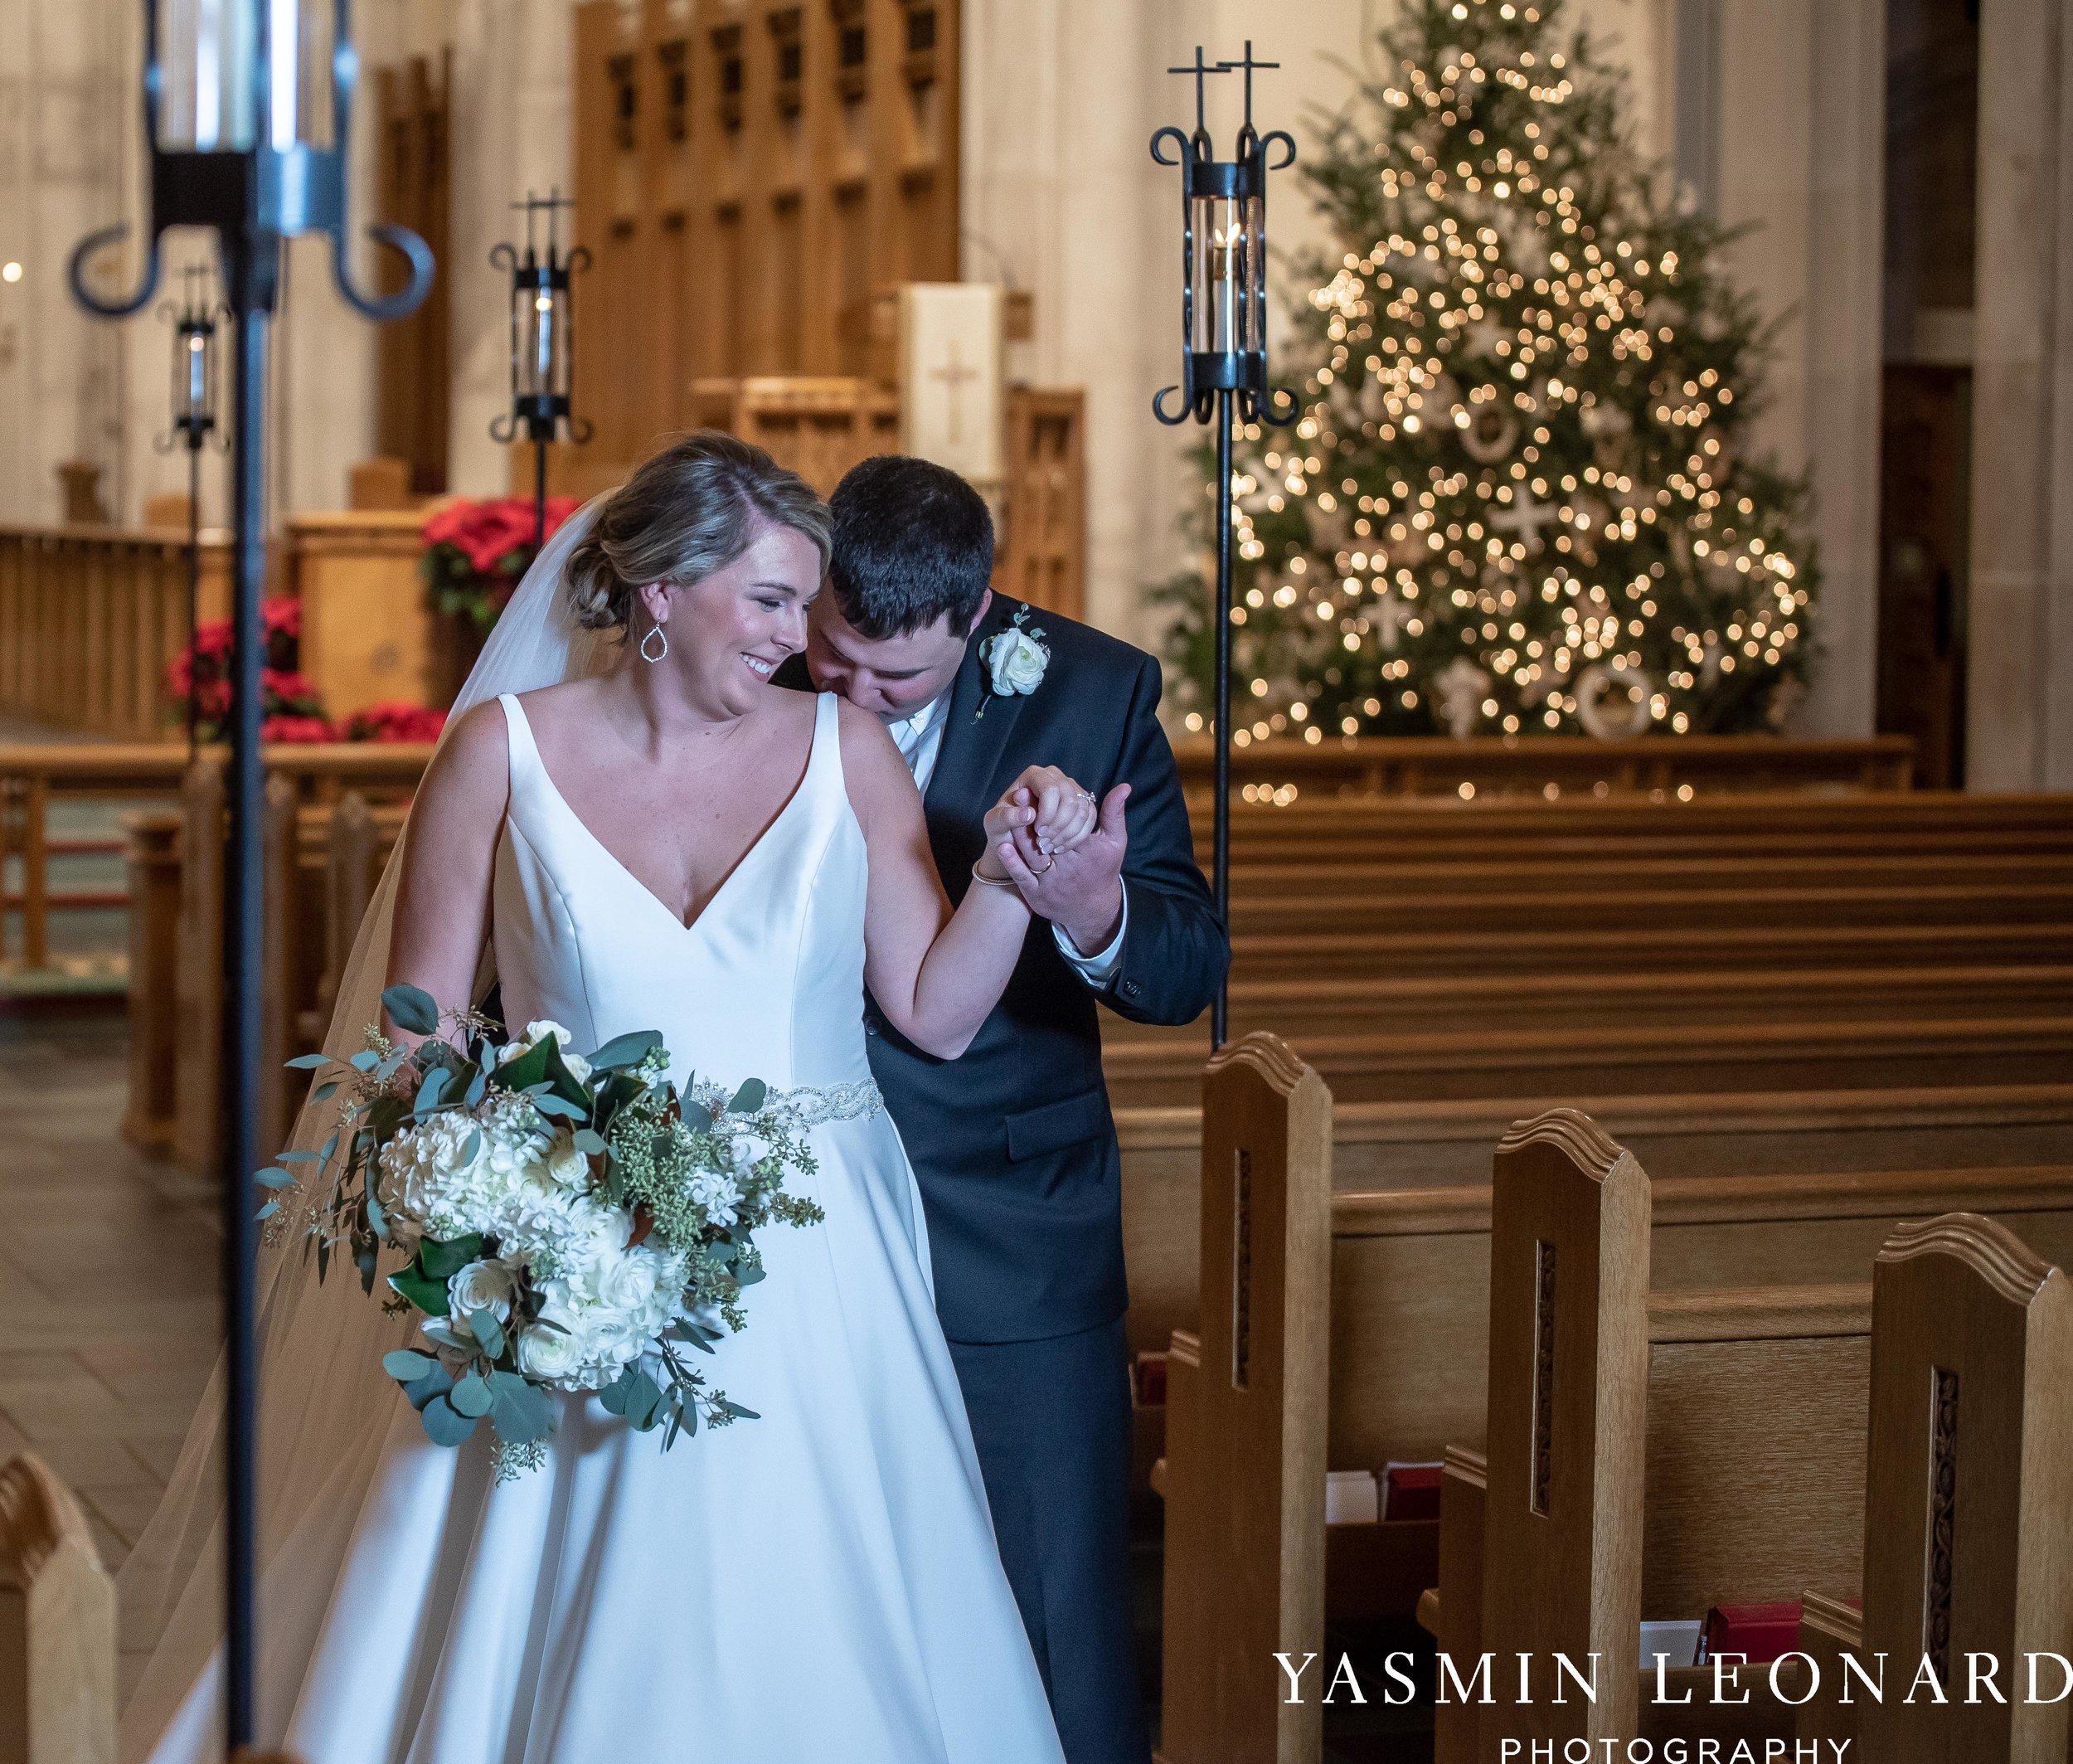 Adaumont Farm - Wesley Memorial Weddings - High Point Weddings - Just Priceless - NC Wedding Photographer - Yasmin Leonard Photography - High Point Wedding Vendors-43.jpg